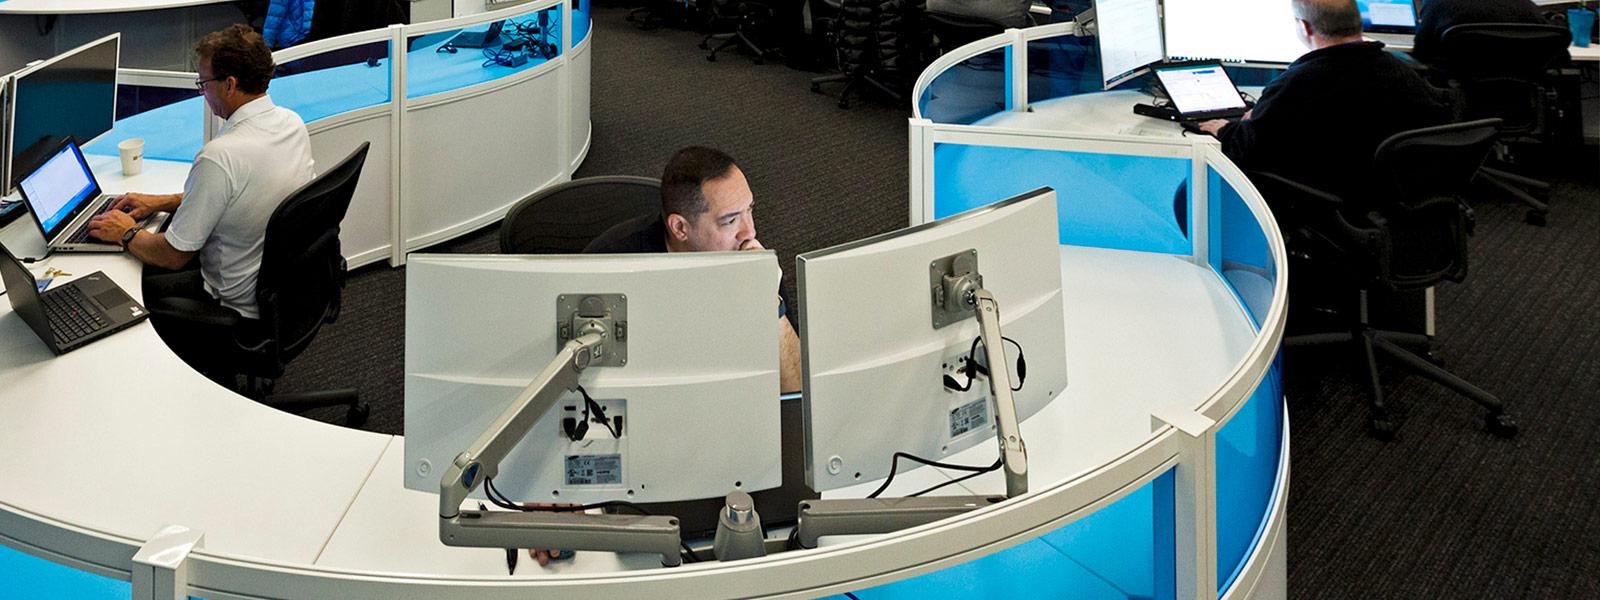 Un homme dans un centre de cybersécurité qui regarde deux écrans